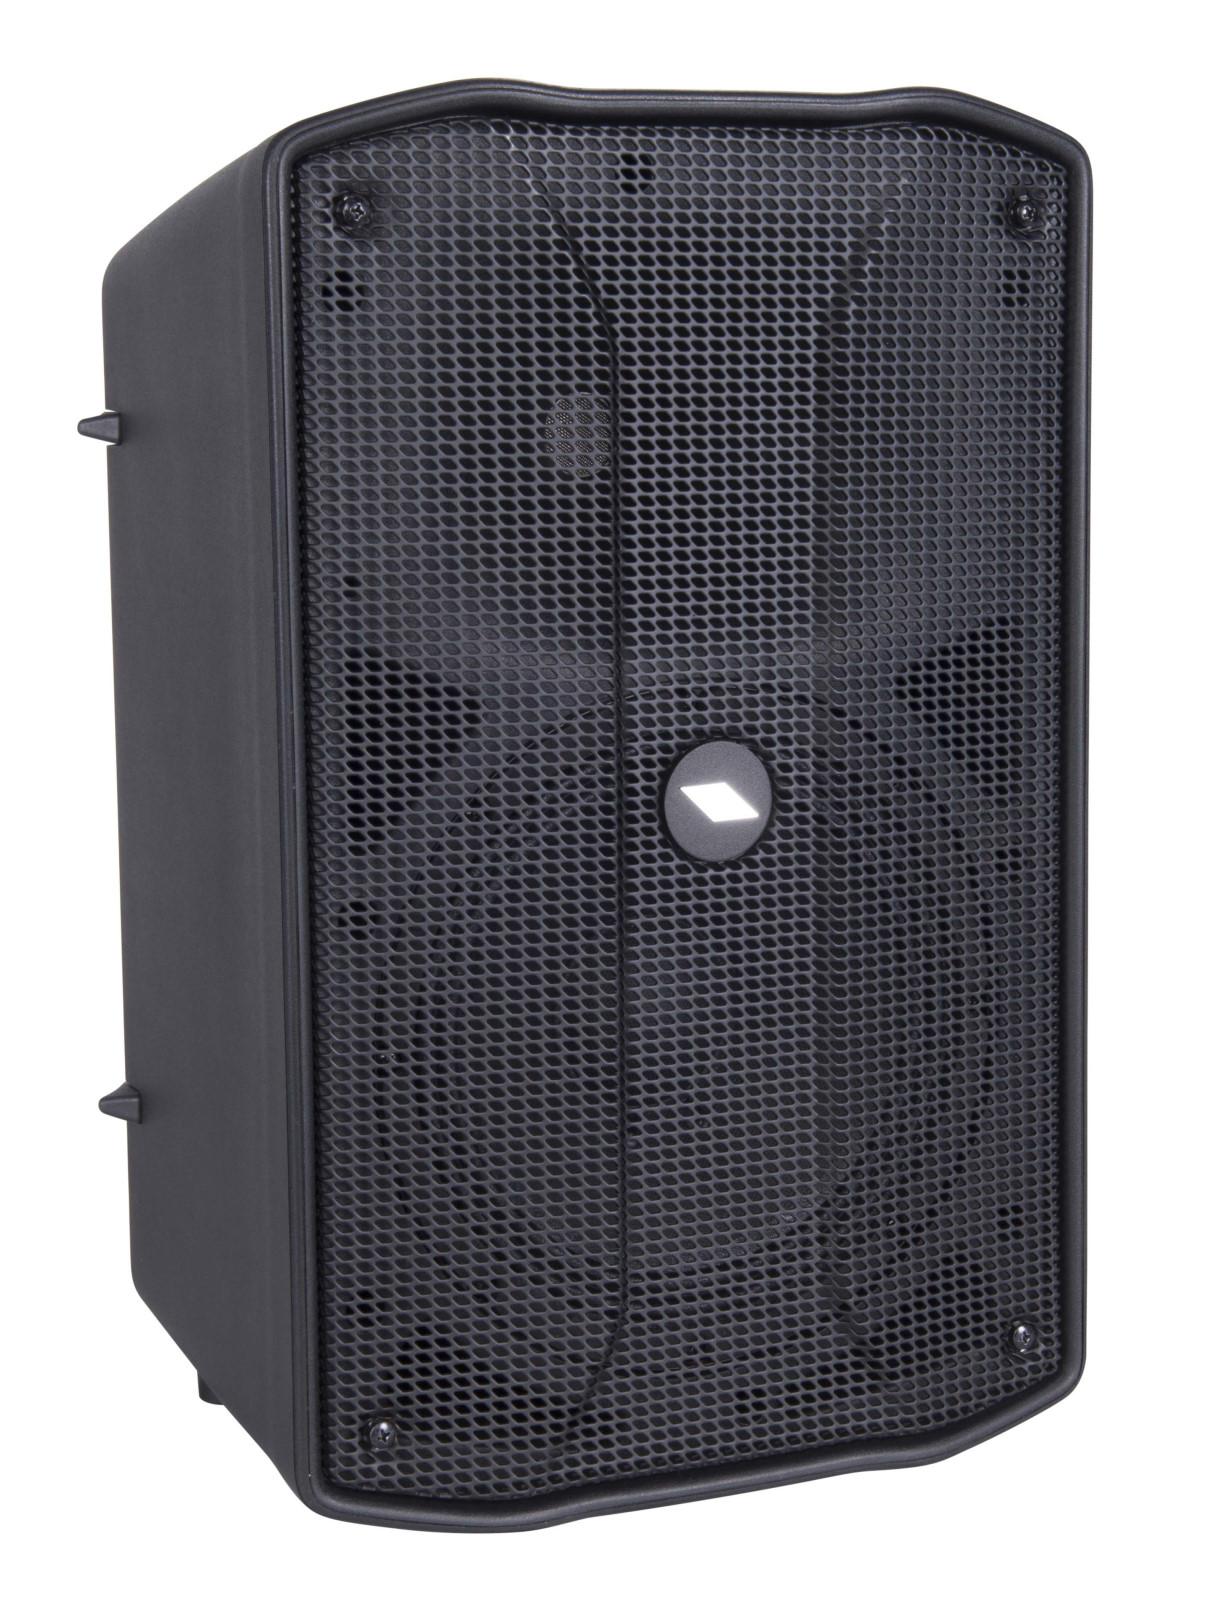 PROEL-FLASH8XD-Active-processed-2-way-loudspeaker-system-sku-1496130178193